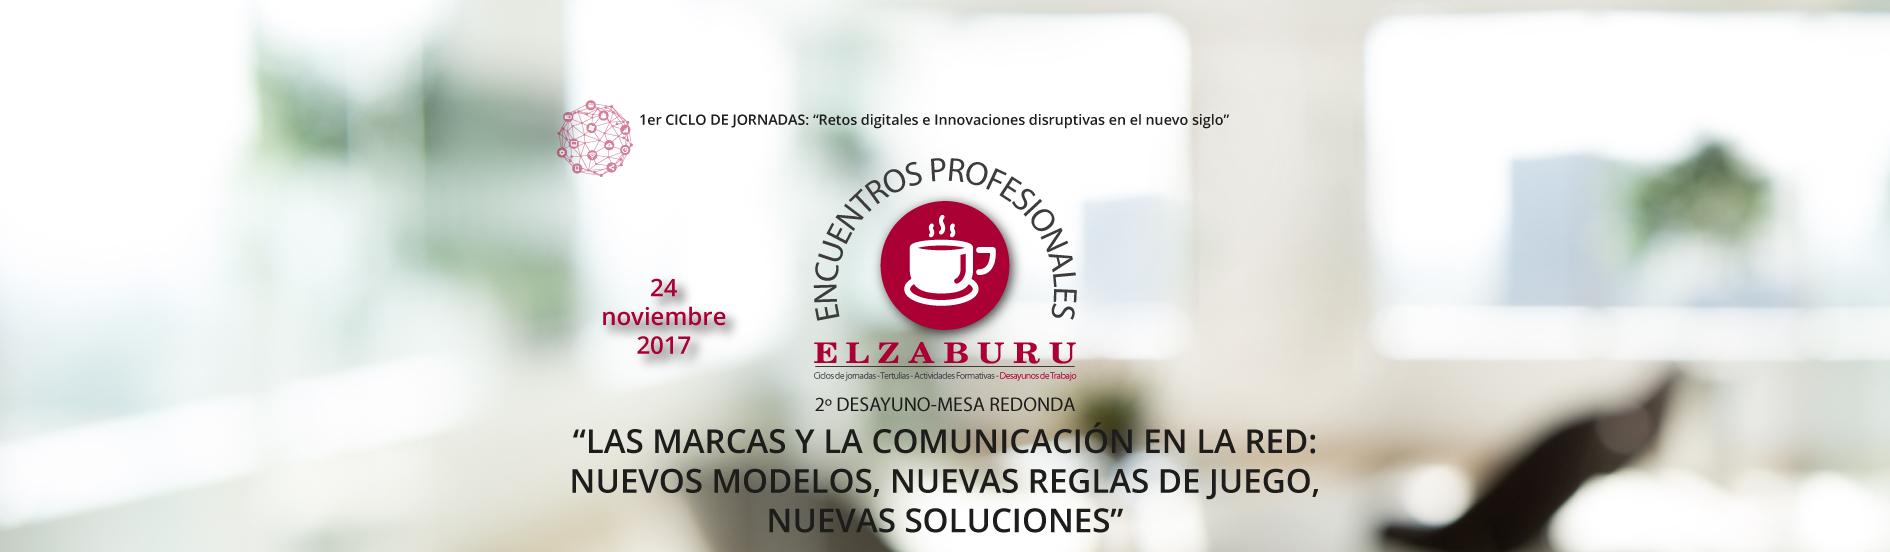 Banner-Carrousel-Web-jornada-24-11